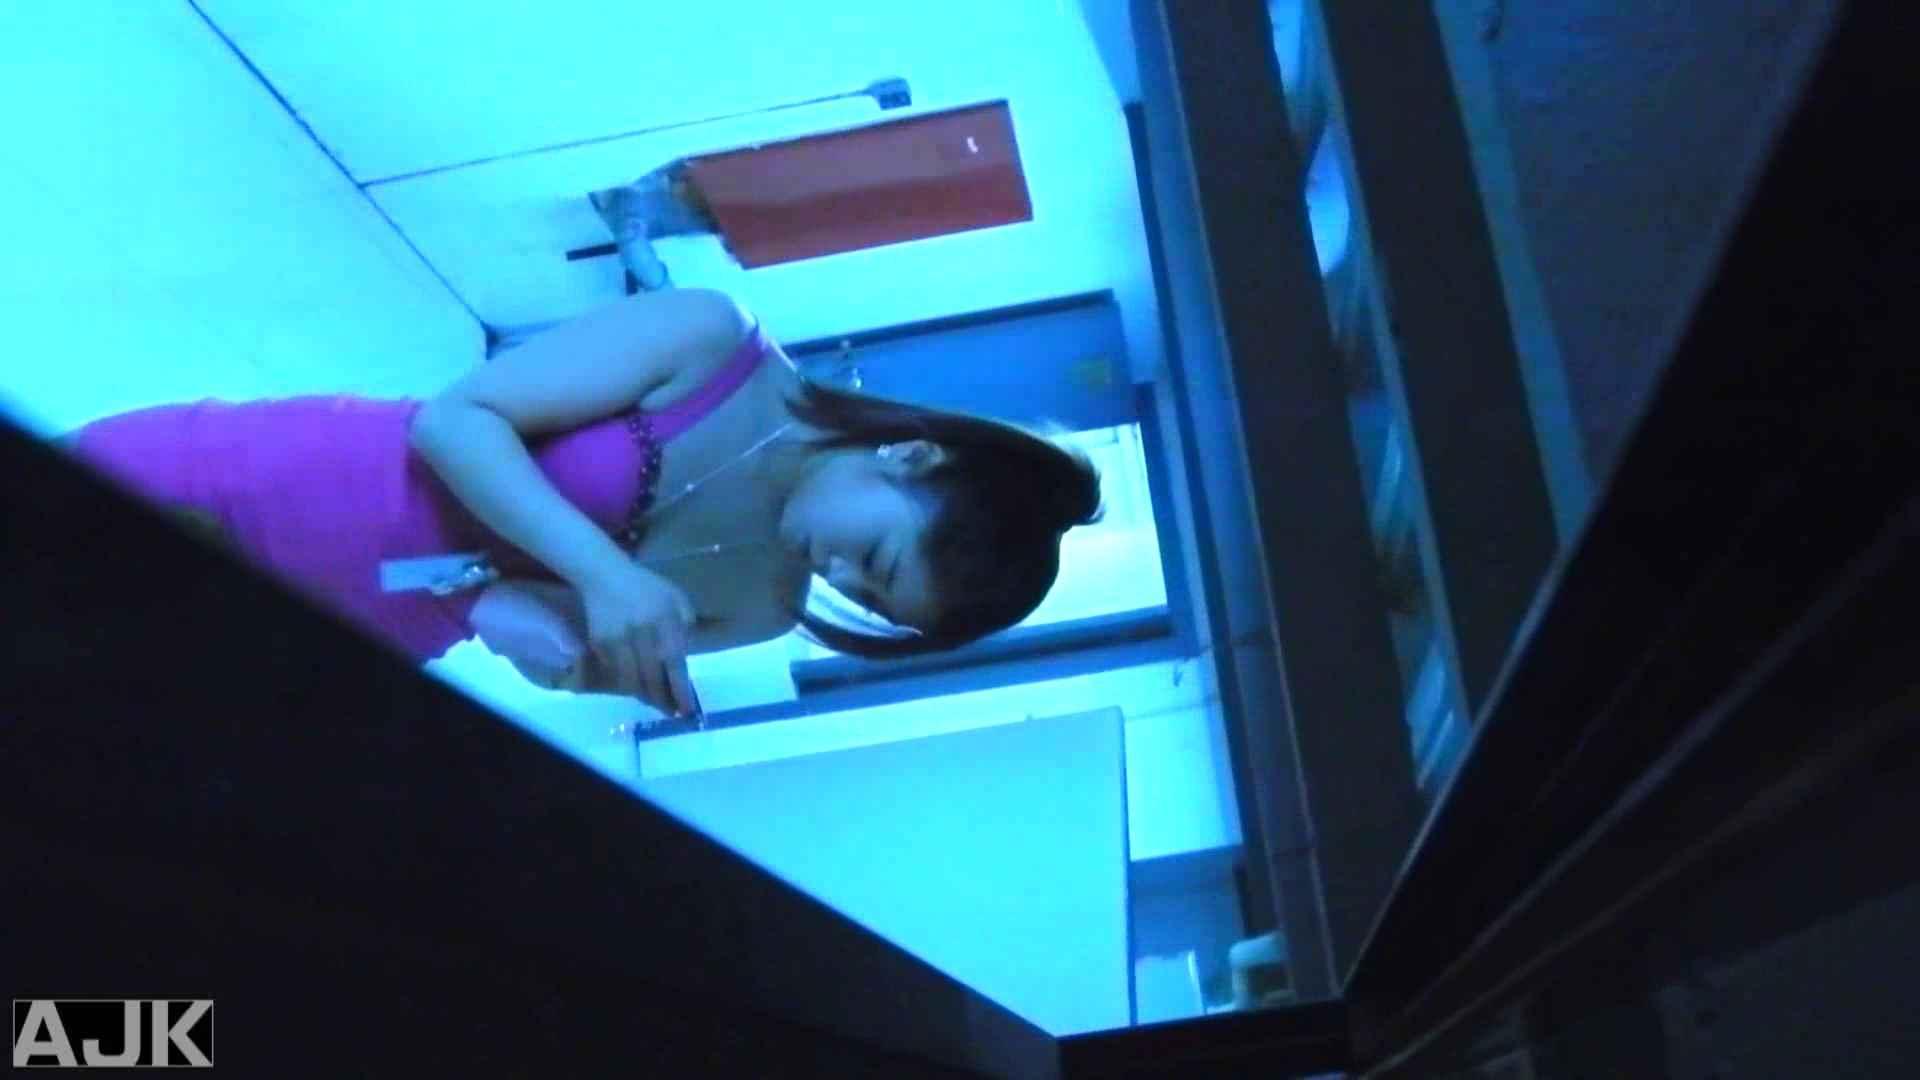 隣国上階級エリアの令嬢たちが集うデパートお手洗い Vol.24 便器  103PIX 4